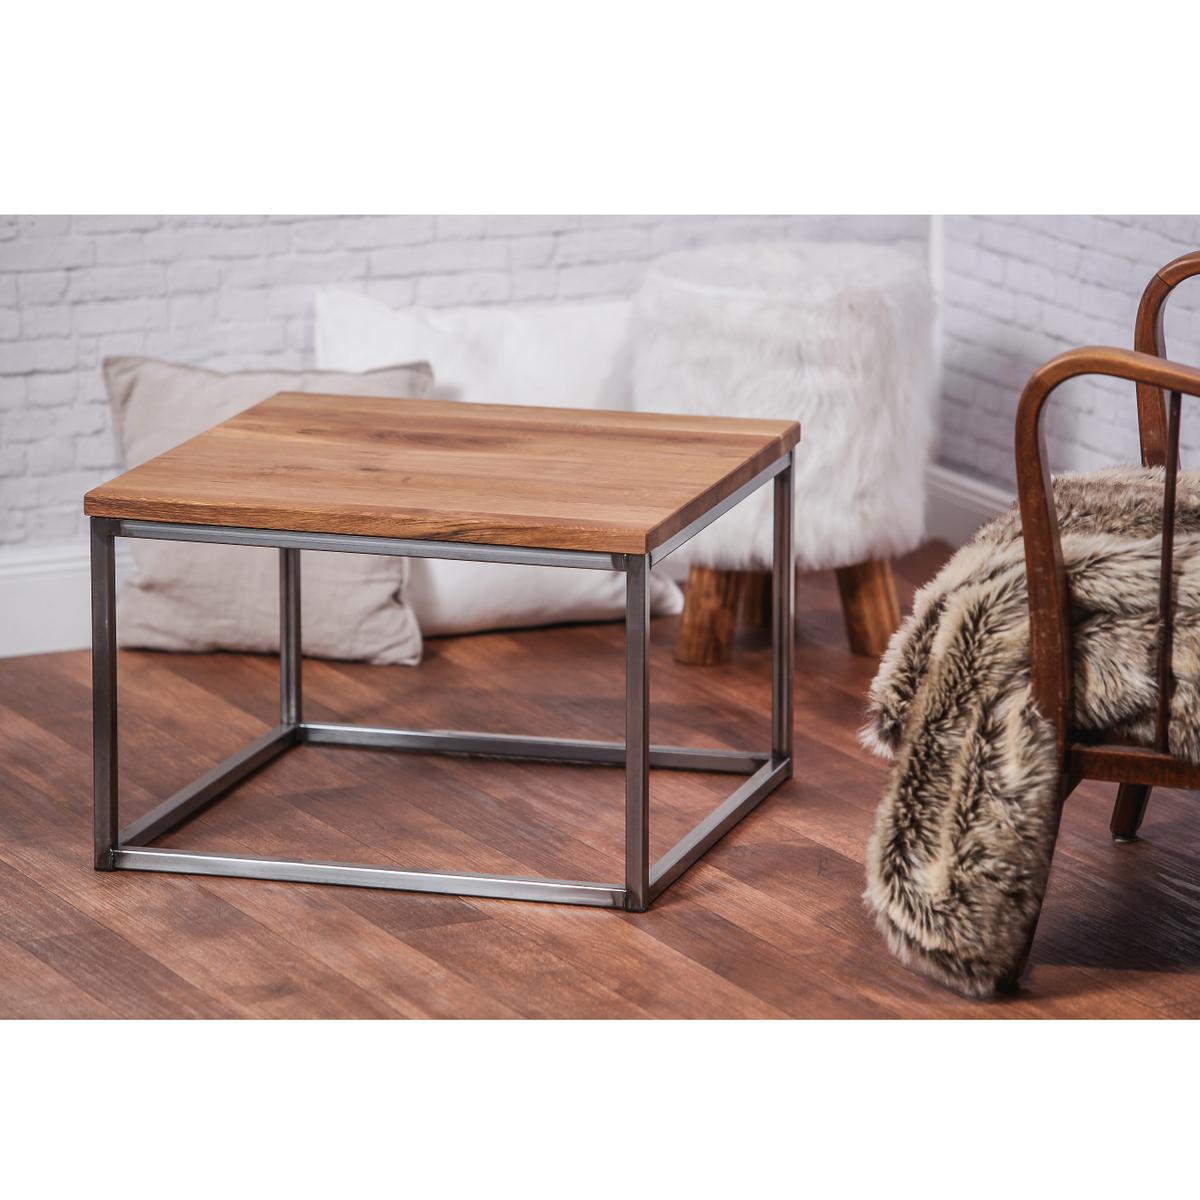 industriedesign loft couchtisch beistelltisch vintage sofatisch massiv holz. Black Bedroom Furniture Sets. Home Design Ideas